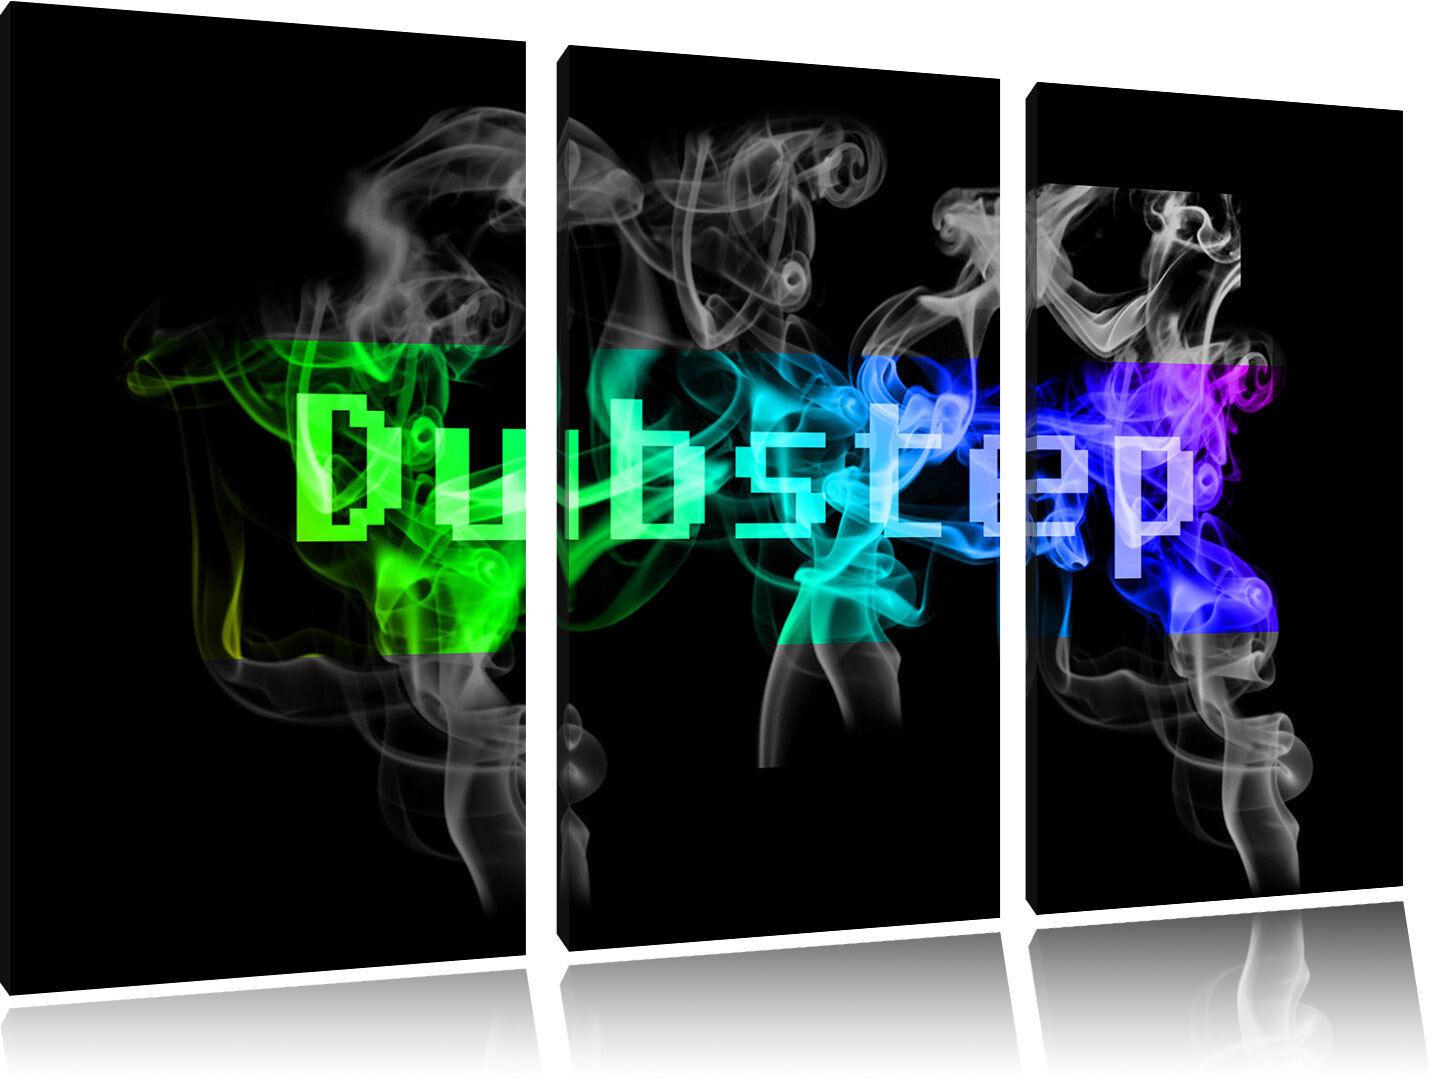 Bunt Electro music Dubstep   3-Teiler Leinwandbild Wanddeko Kunstdruck